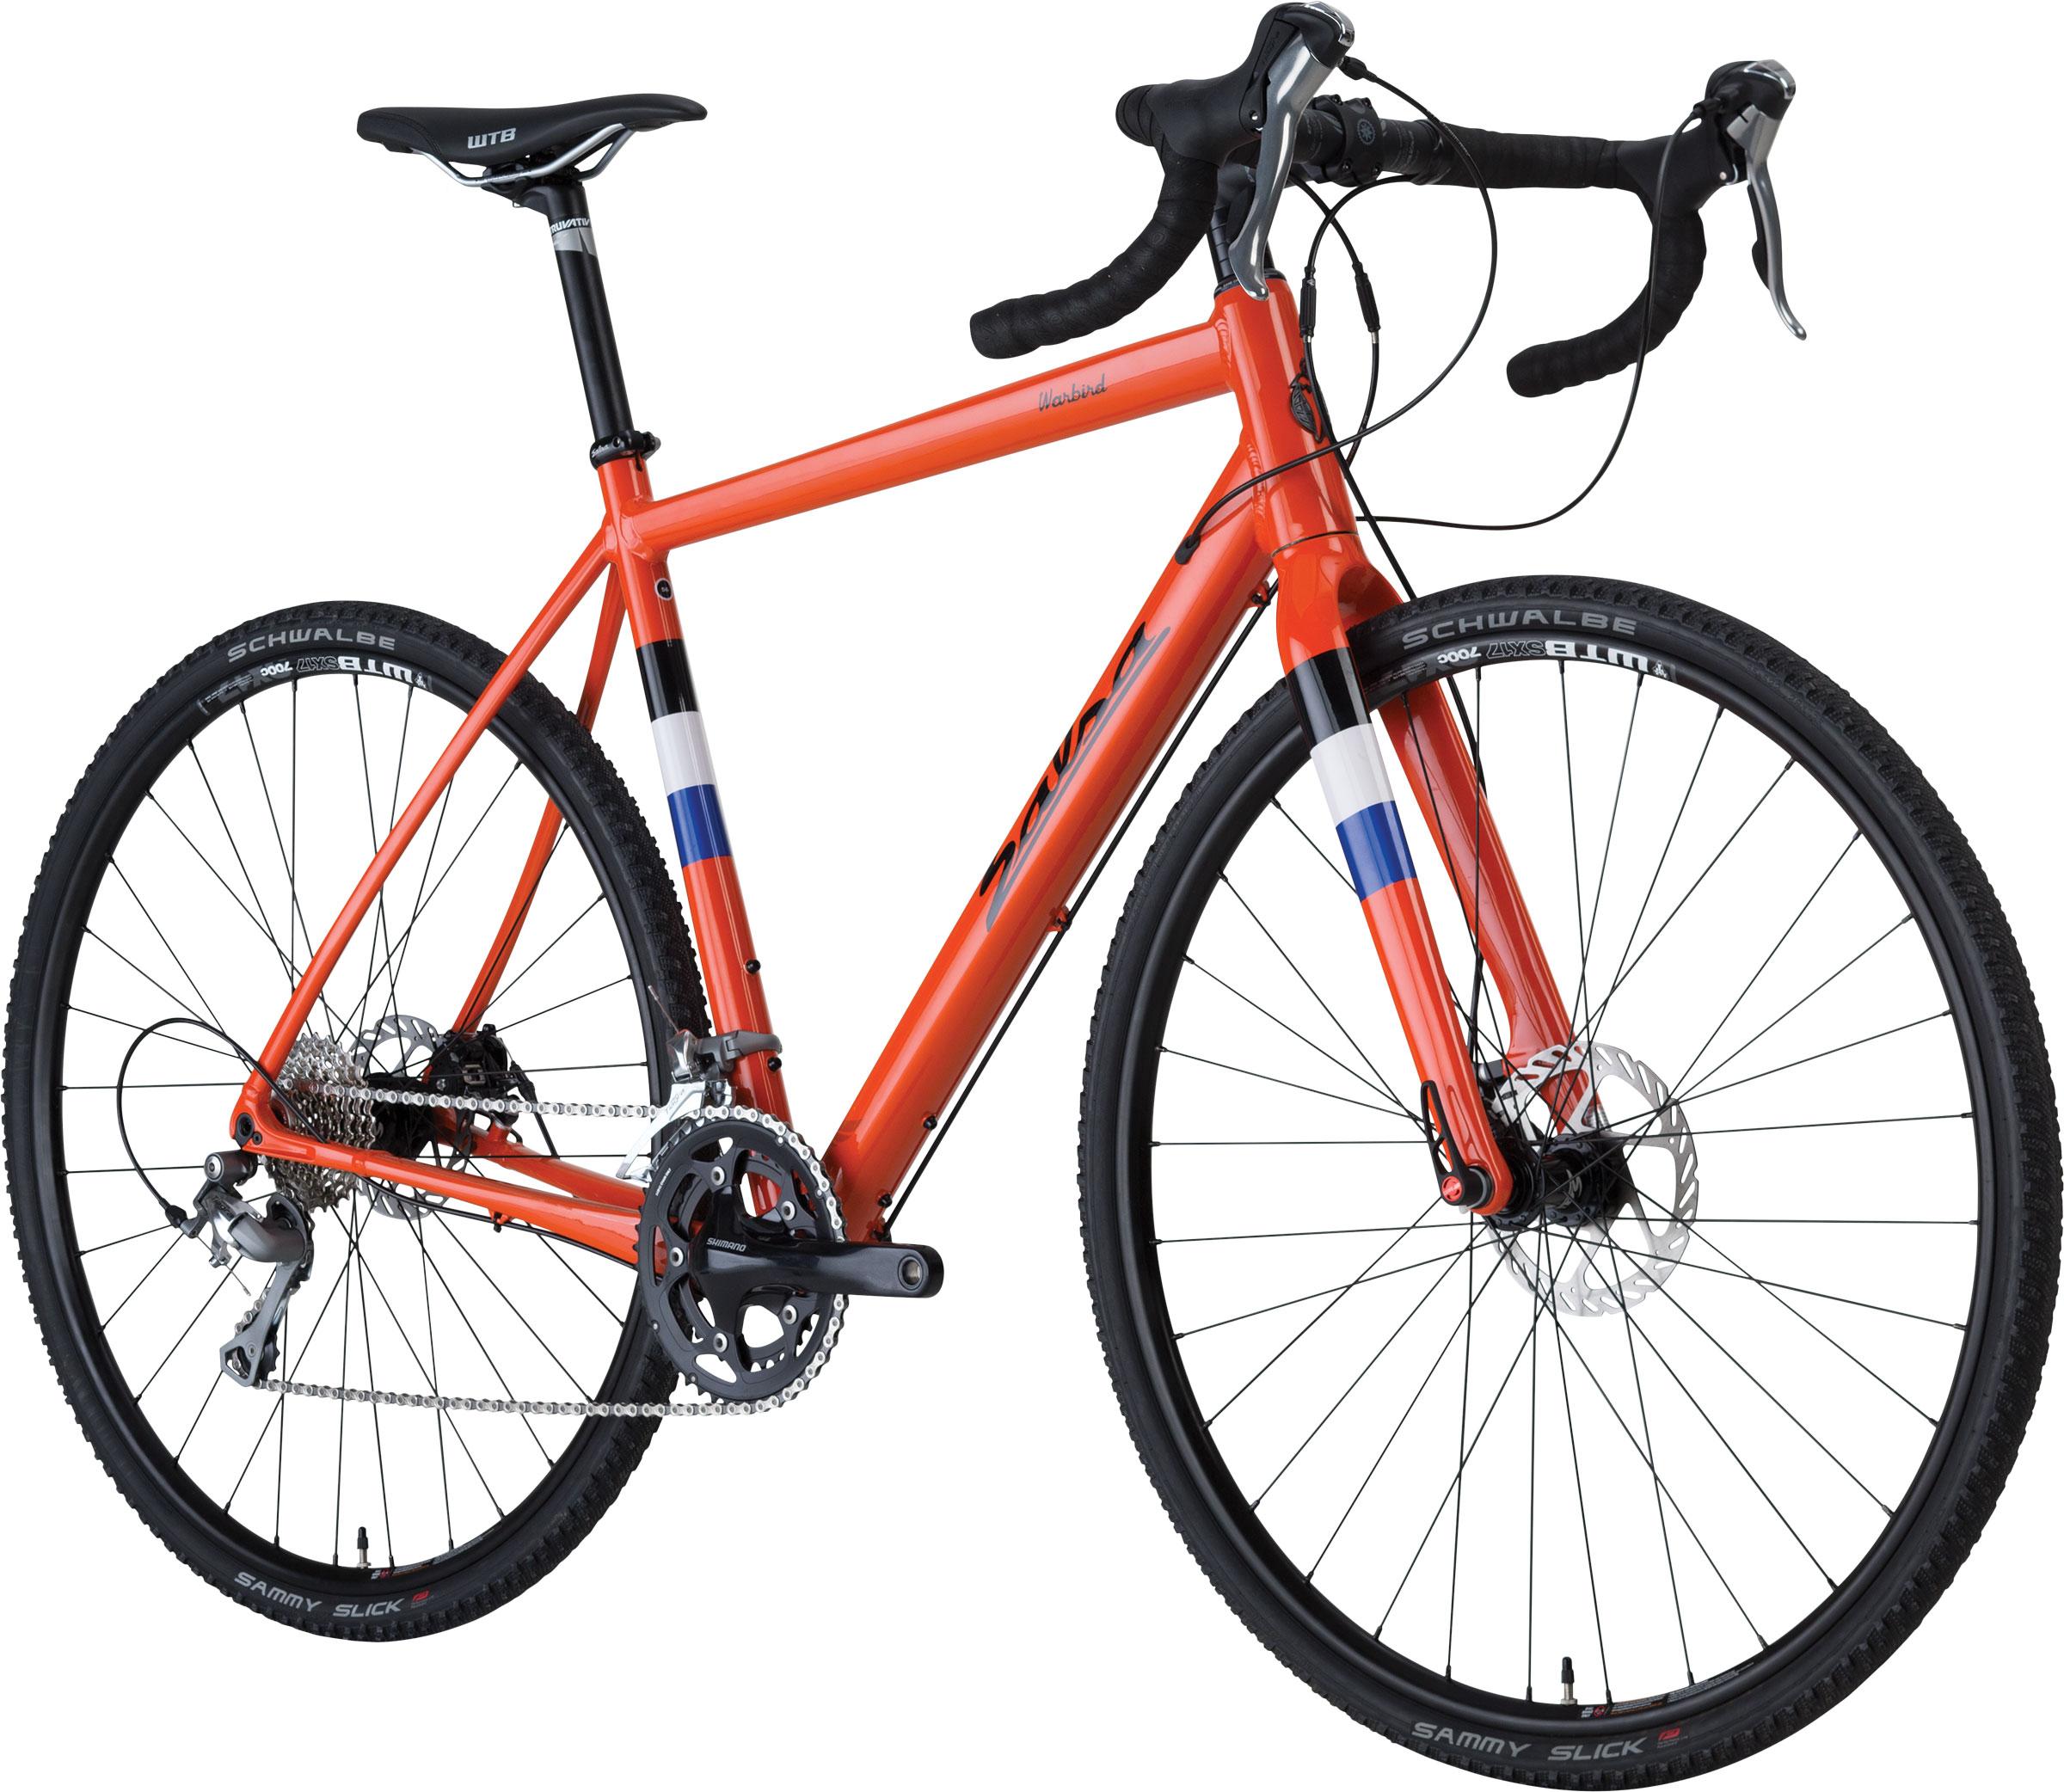 Salsa Warbird 3 bici completa Blaze Orange